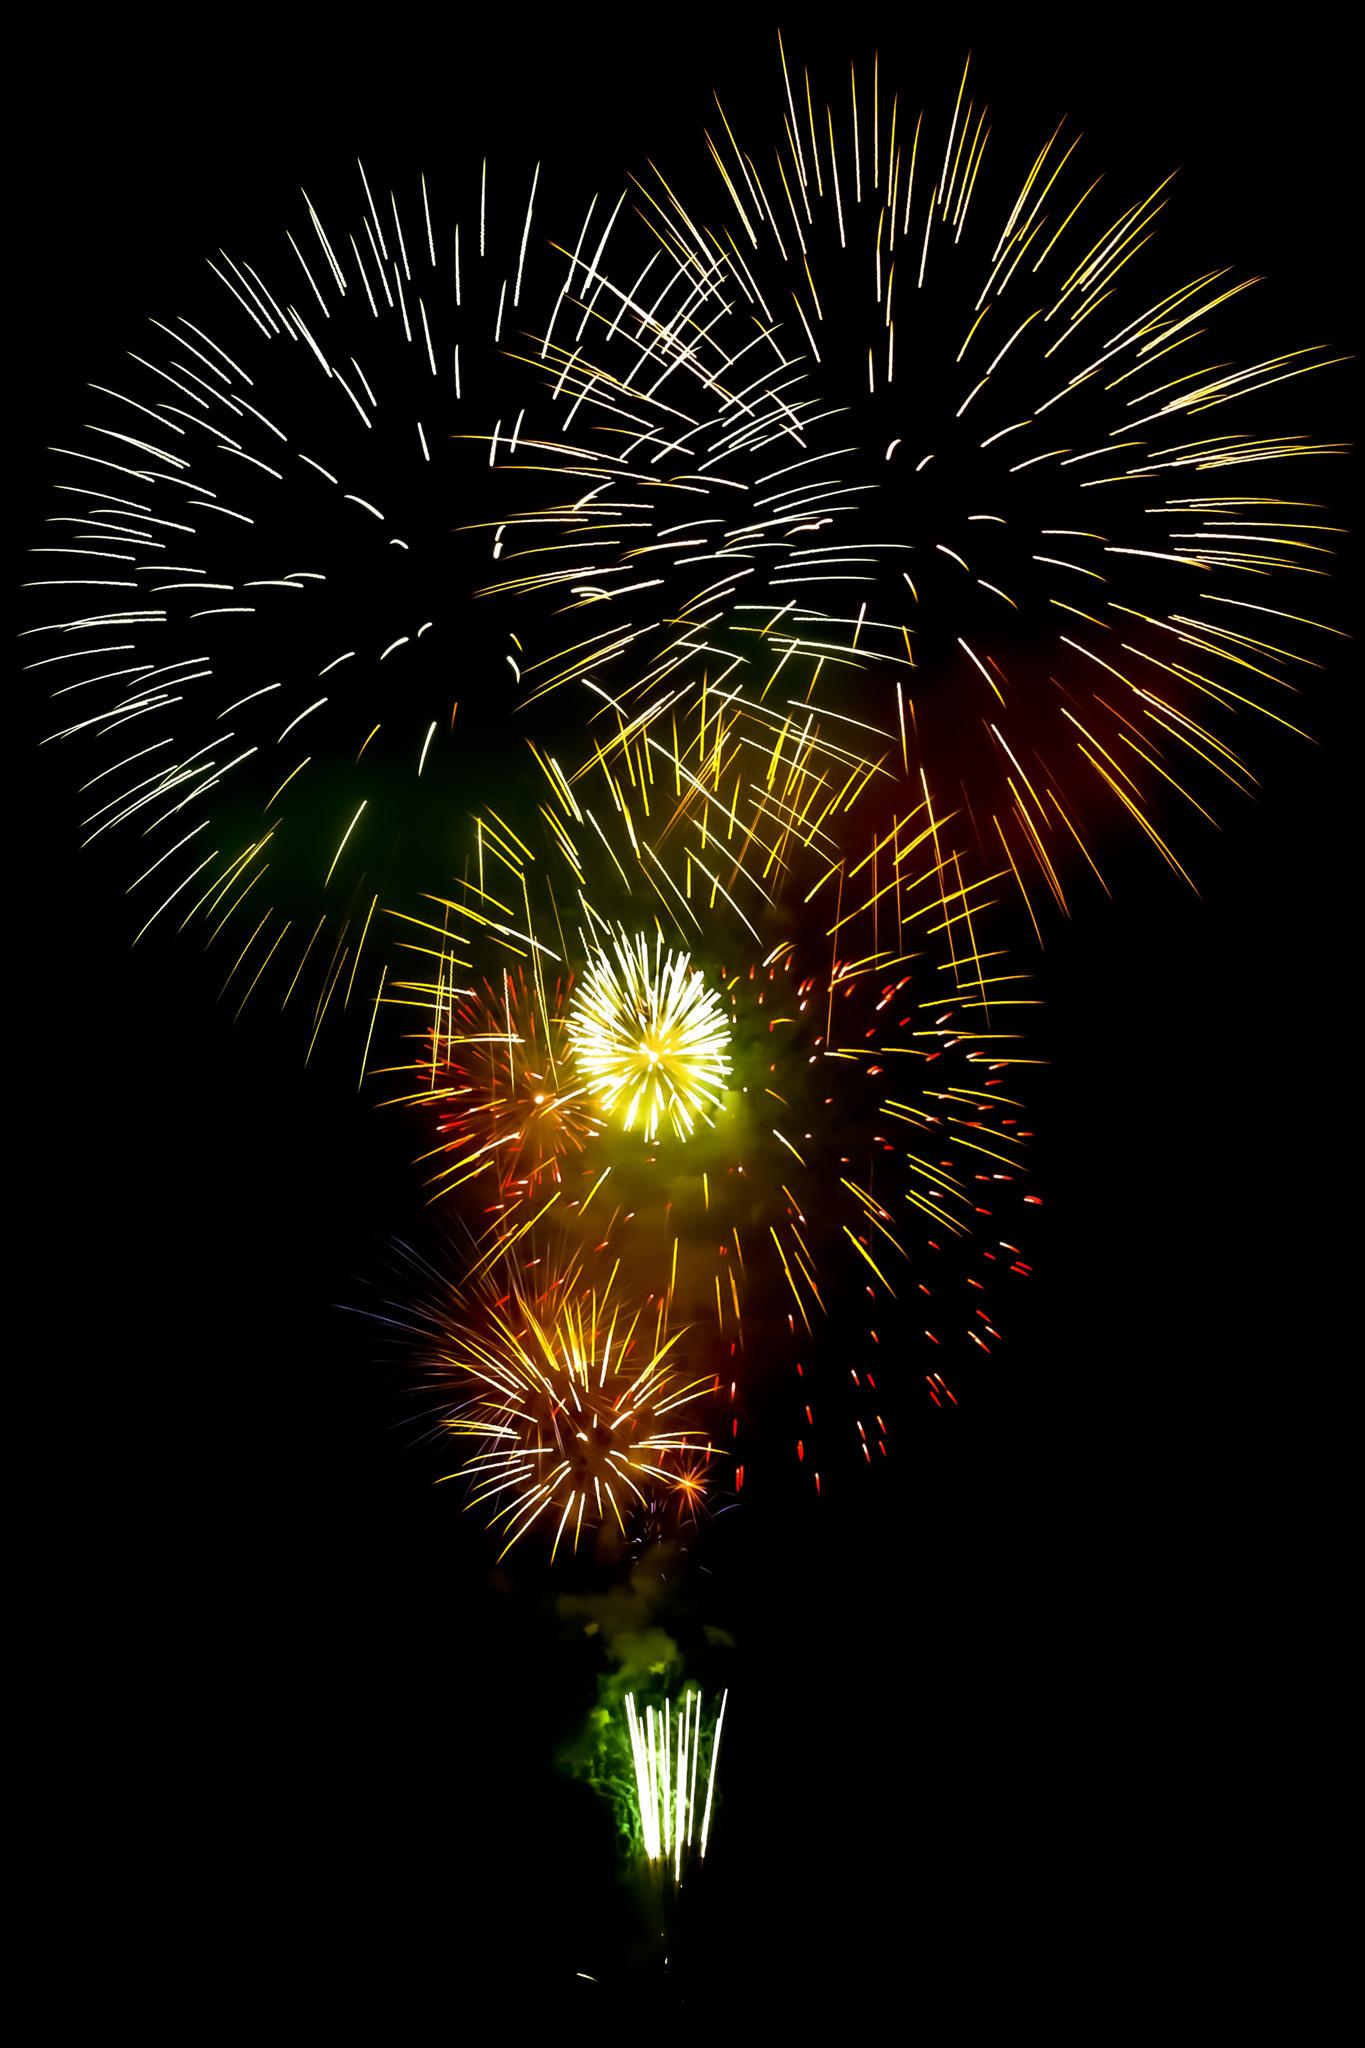 「夜空を彩る花火の撮影画像」のテクスチャを無料ダウンロード